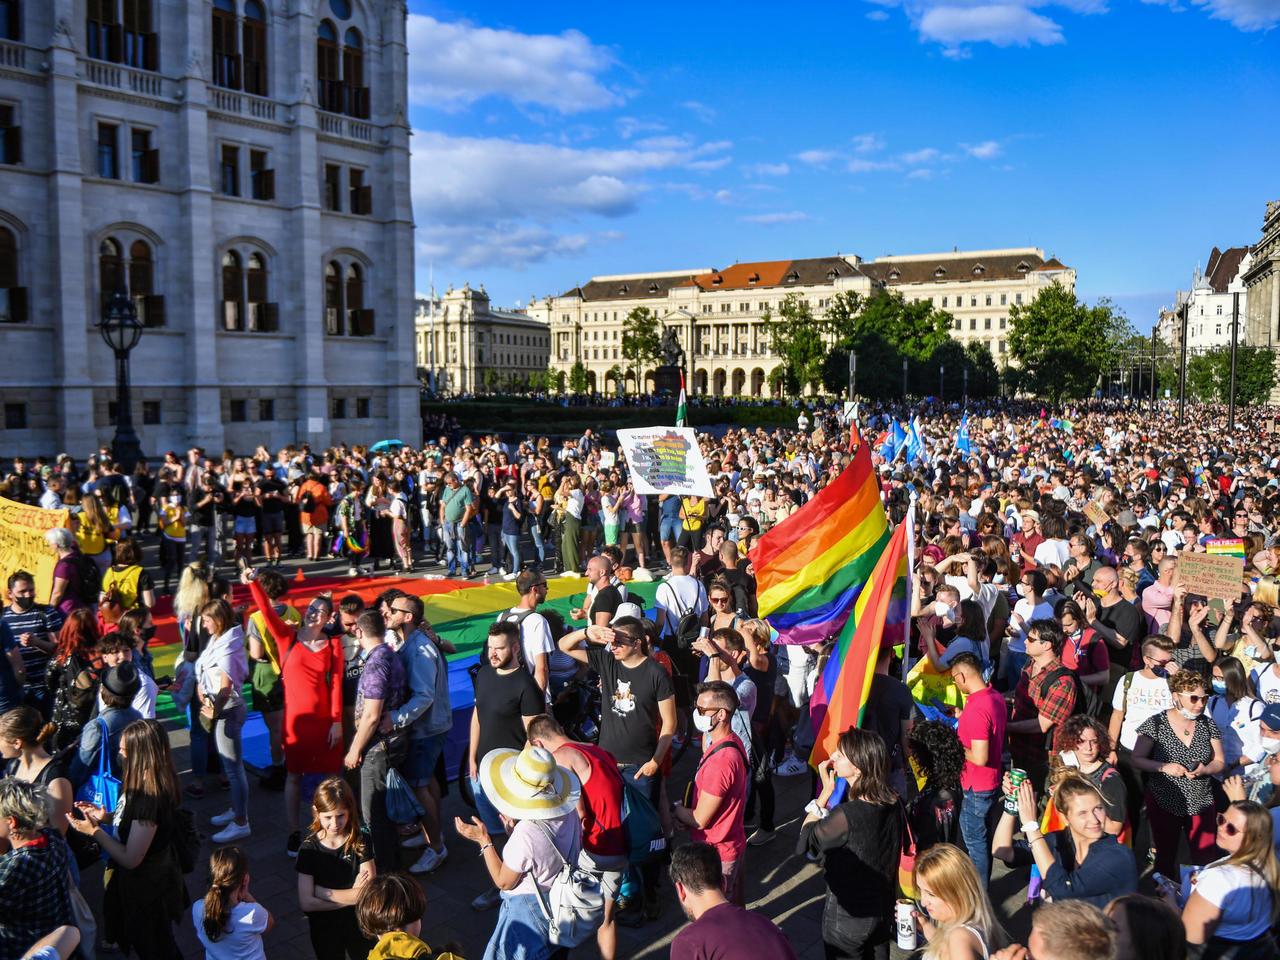 匈牙利禁止校园传播同性恋教育引欧盟17国声讨